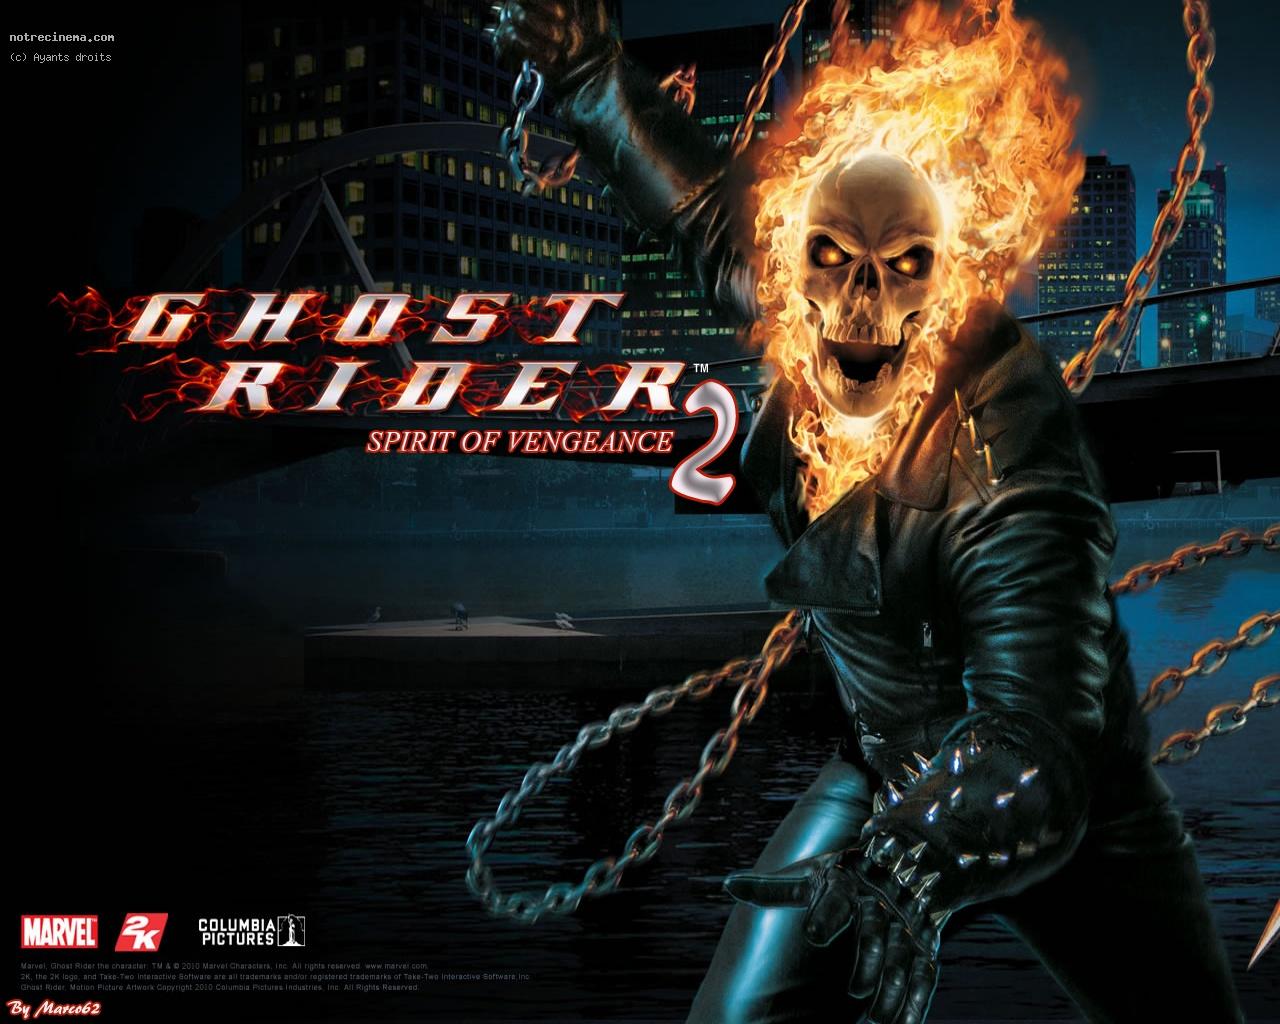 Ghost Rider 2   G   DPG   Chomikujpl 1280x1024